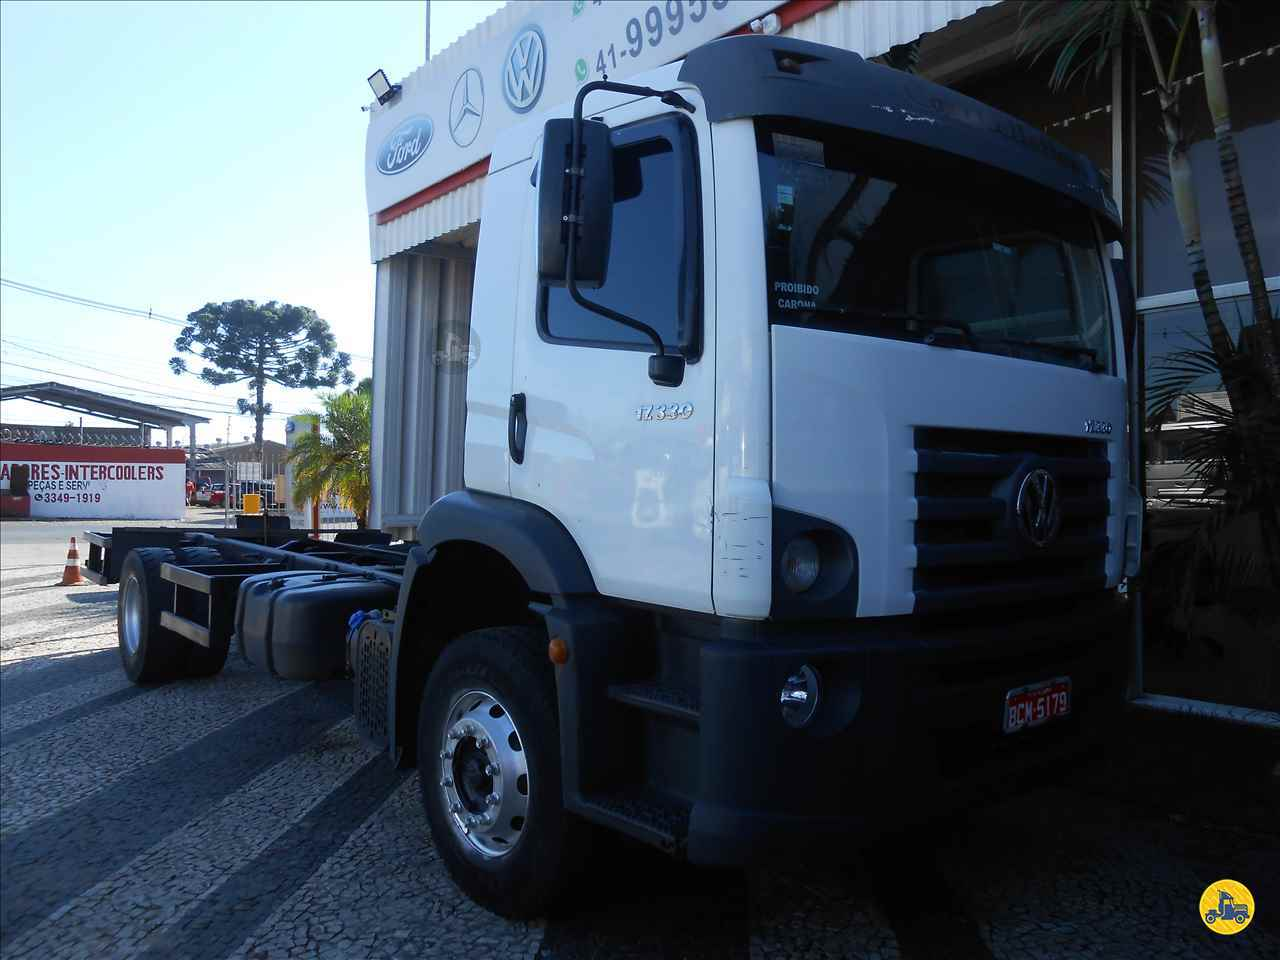 CAMINHAO VOLKSWAGEN VW 17330 Chassis Toco 4x2 Vieira Caminhões CURITIBA PARANÁ PR